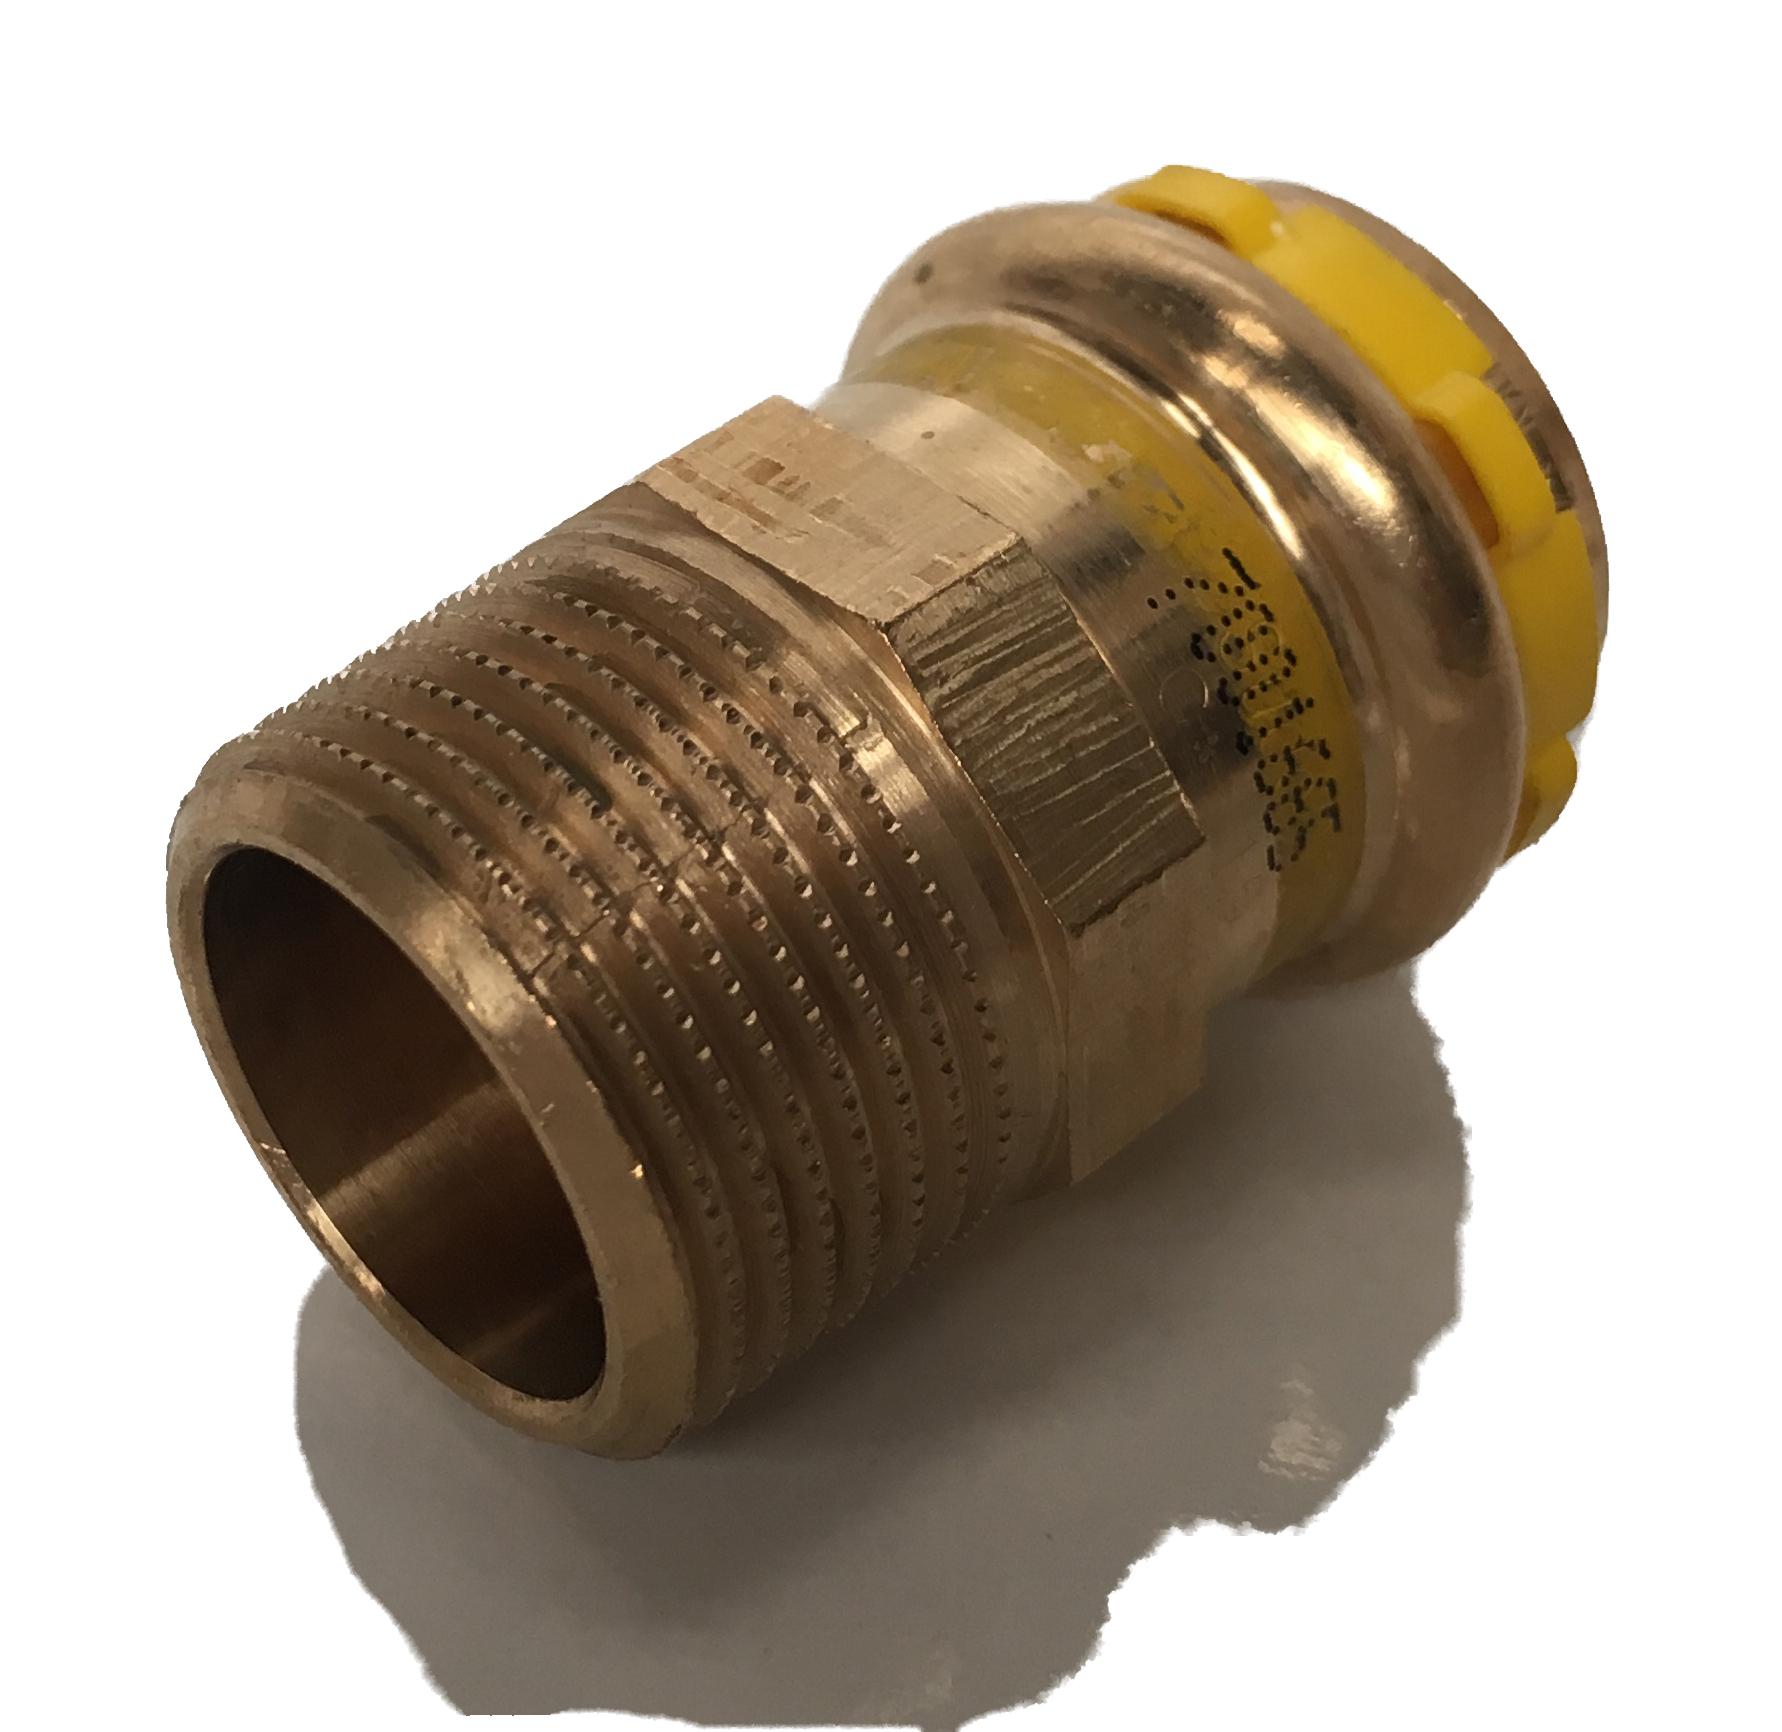 Straight fitting Copper Sudopress Press GAS 22x1/2M V-profile